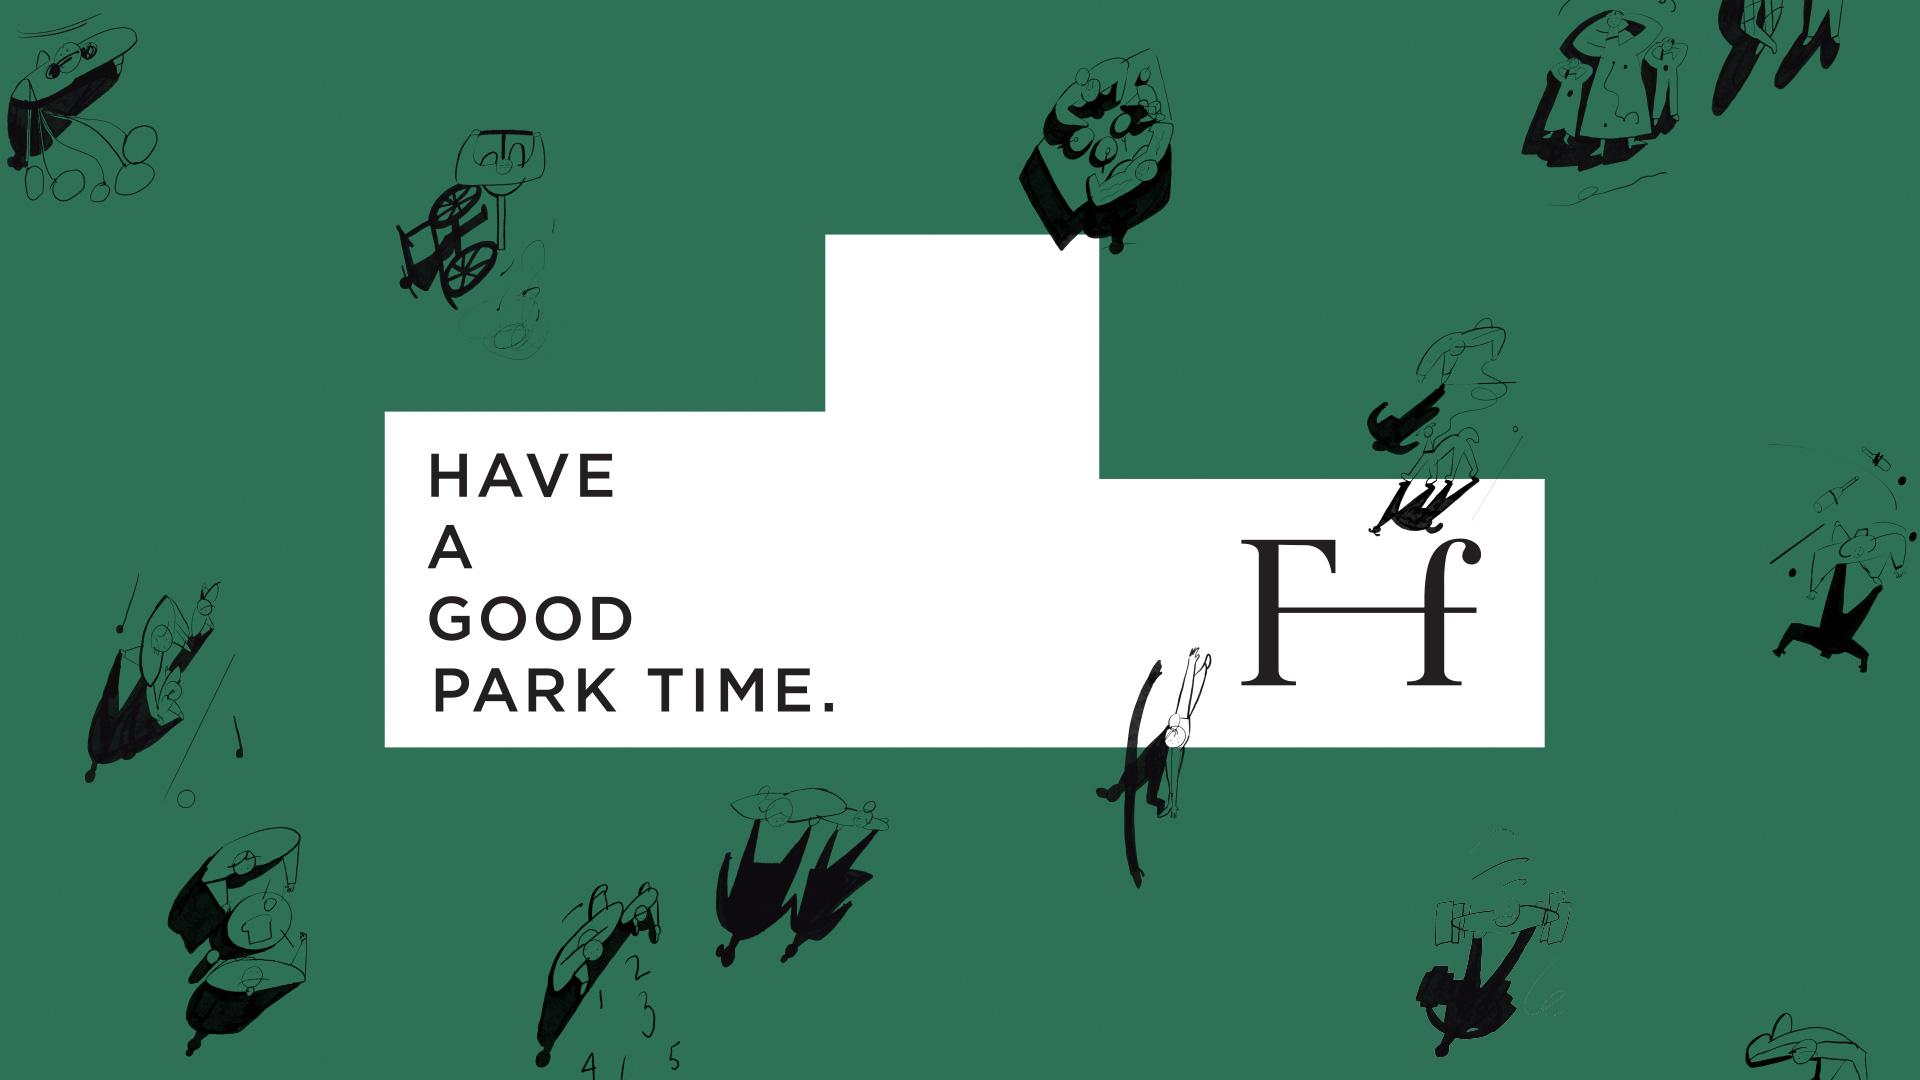 Ff(エフエフ)|パークアウトドア施設